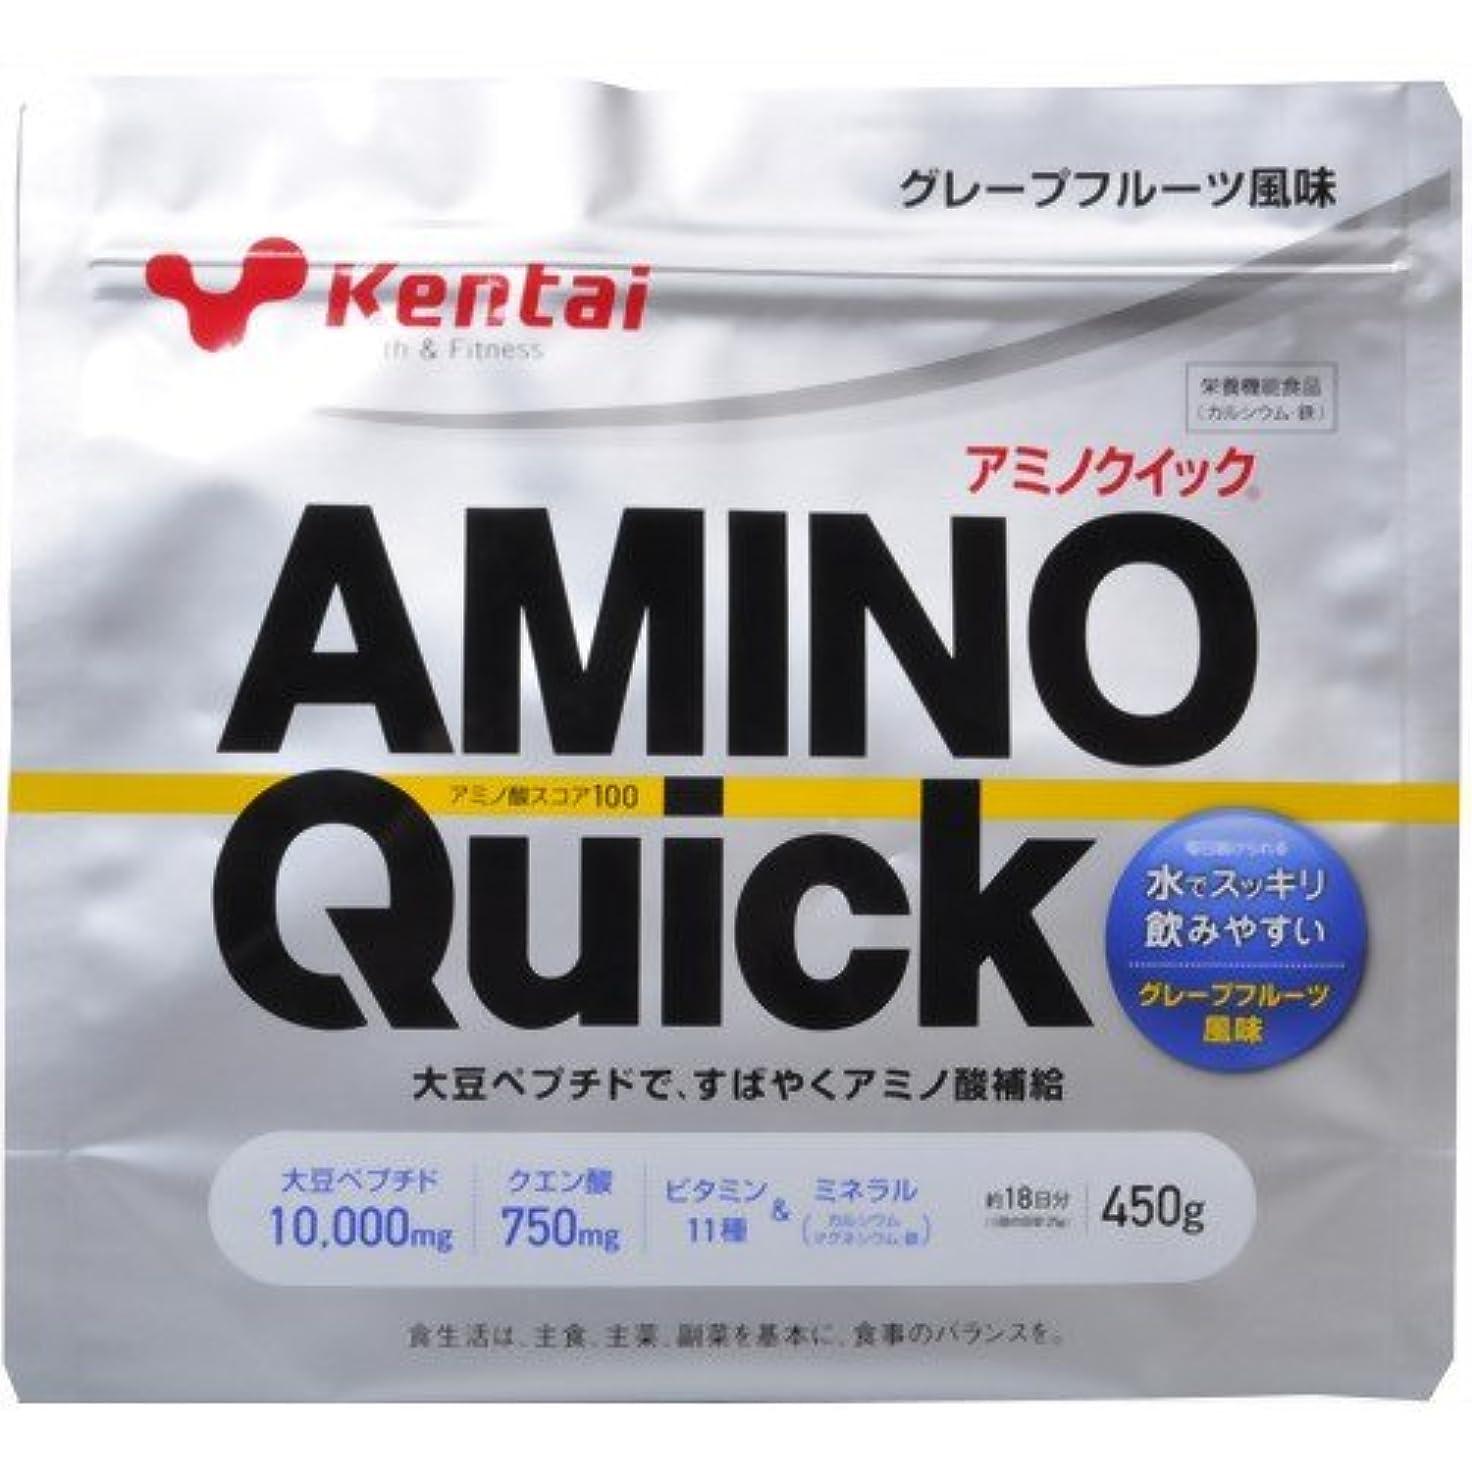 ワードローブ測るする必要があるKentai(ケンタイ) アミノクイック(大豆ペプチド) グレープフルーツ風味 450g